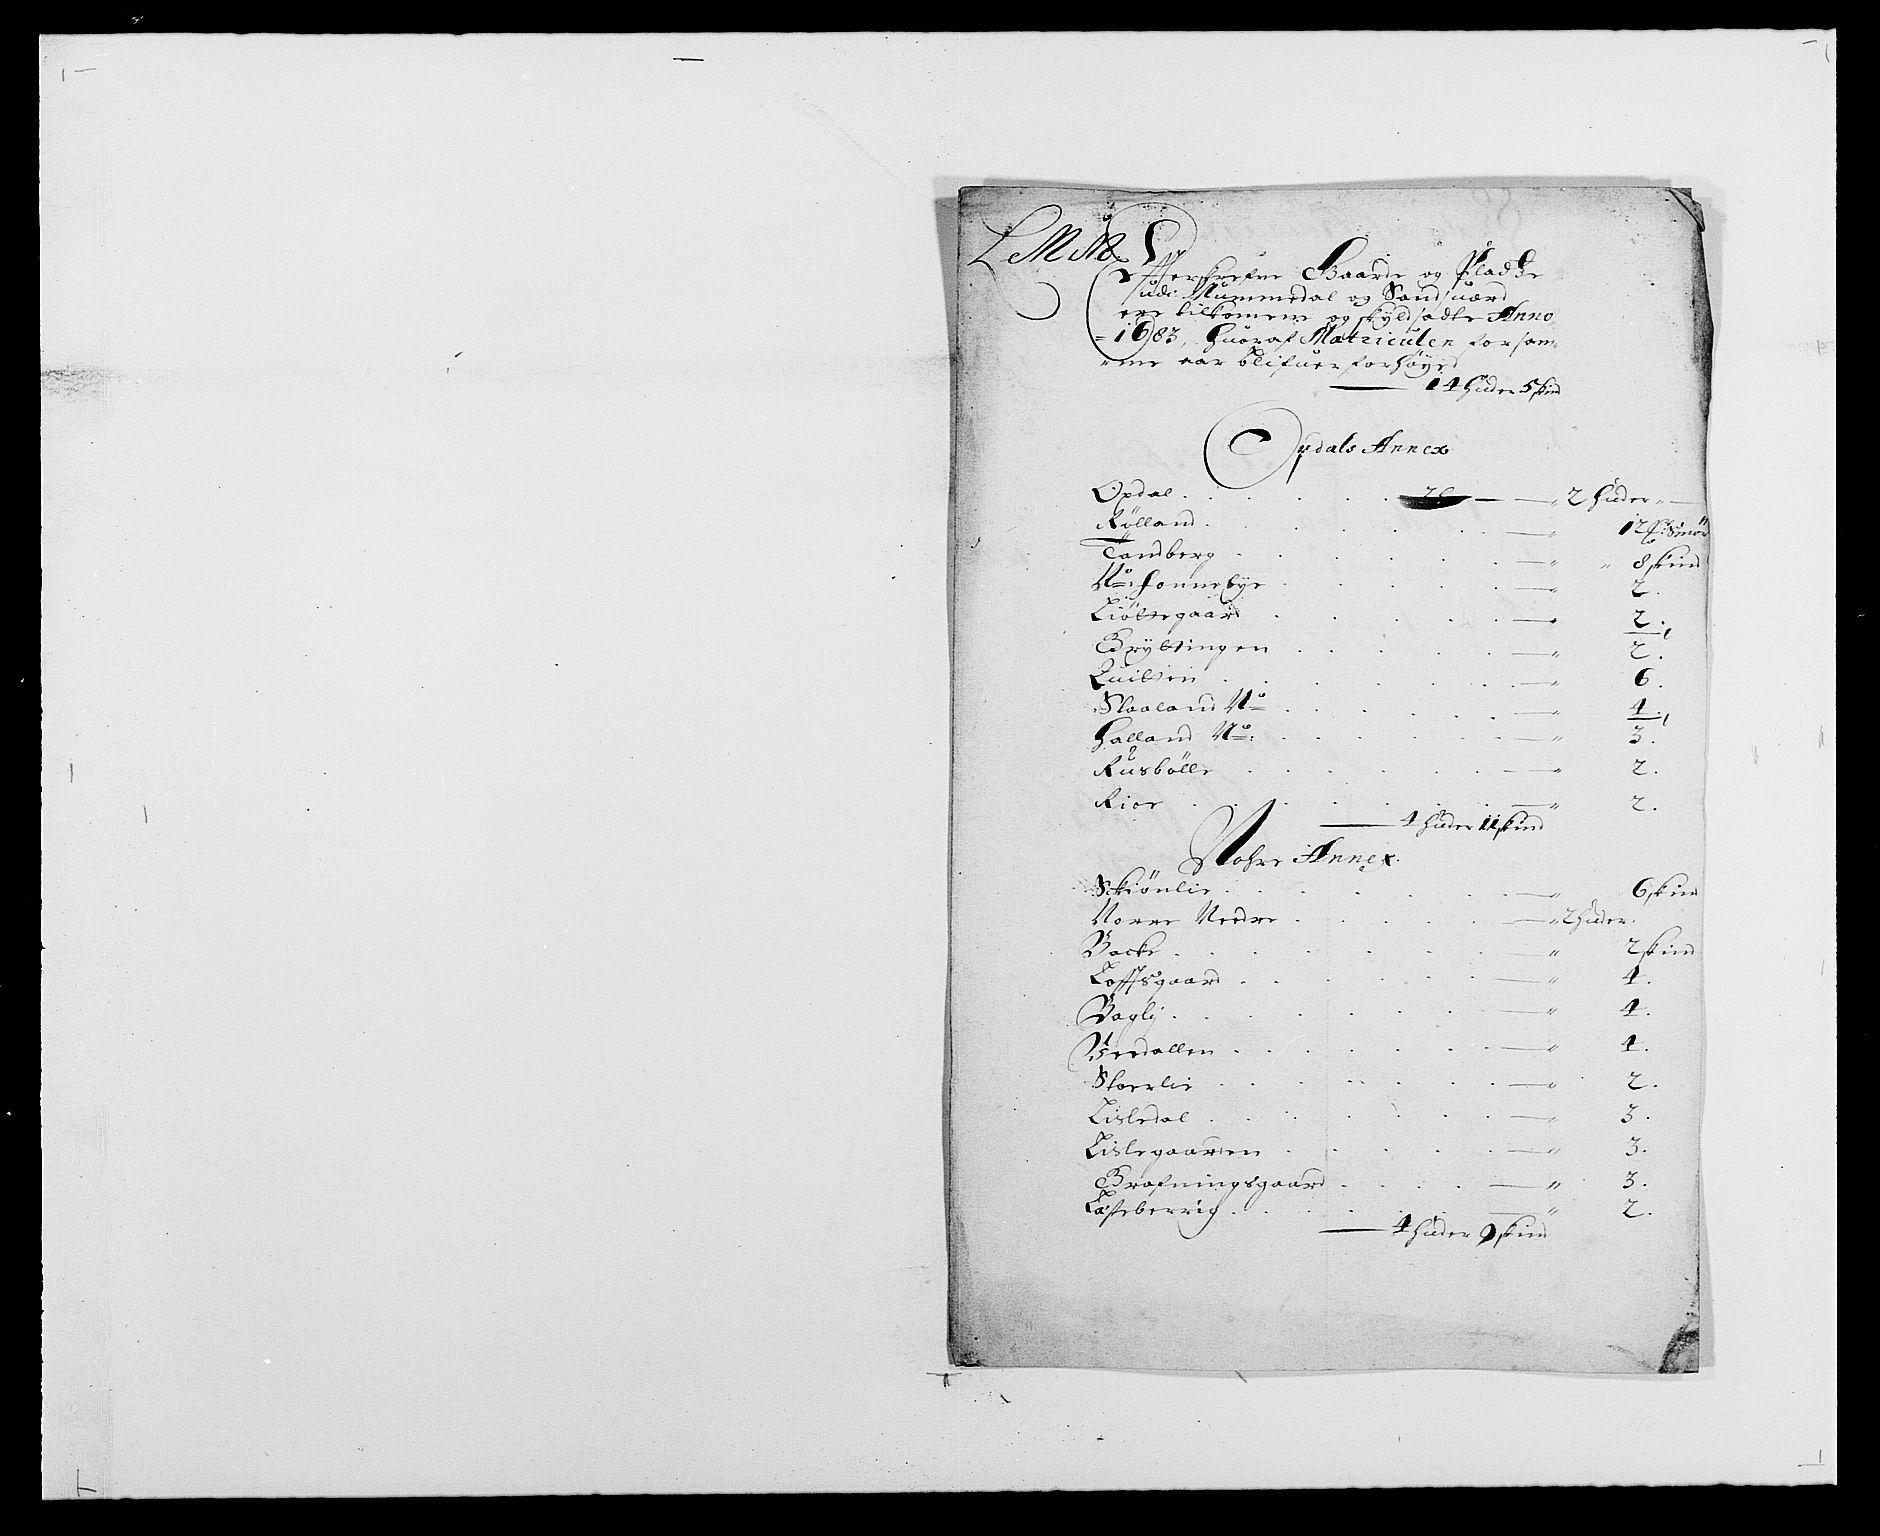 RA, Rentekammeret inntil 1814, Reviderte regnskaper, Fogderegnskap, R24/L1570: Fogderegnskap Numedal og Sandsvær, 1679-1686, s. 194